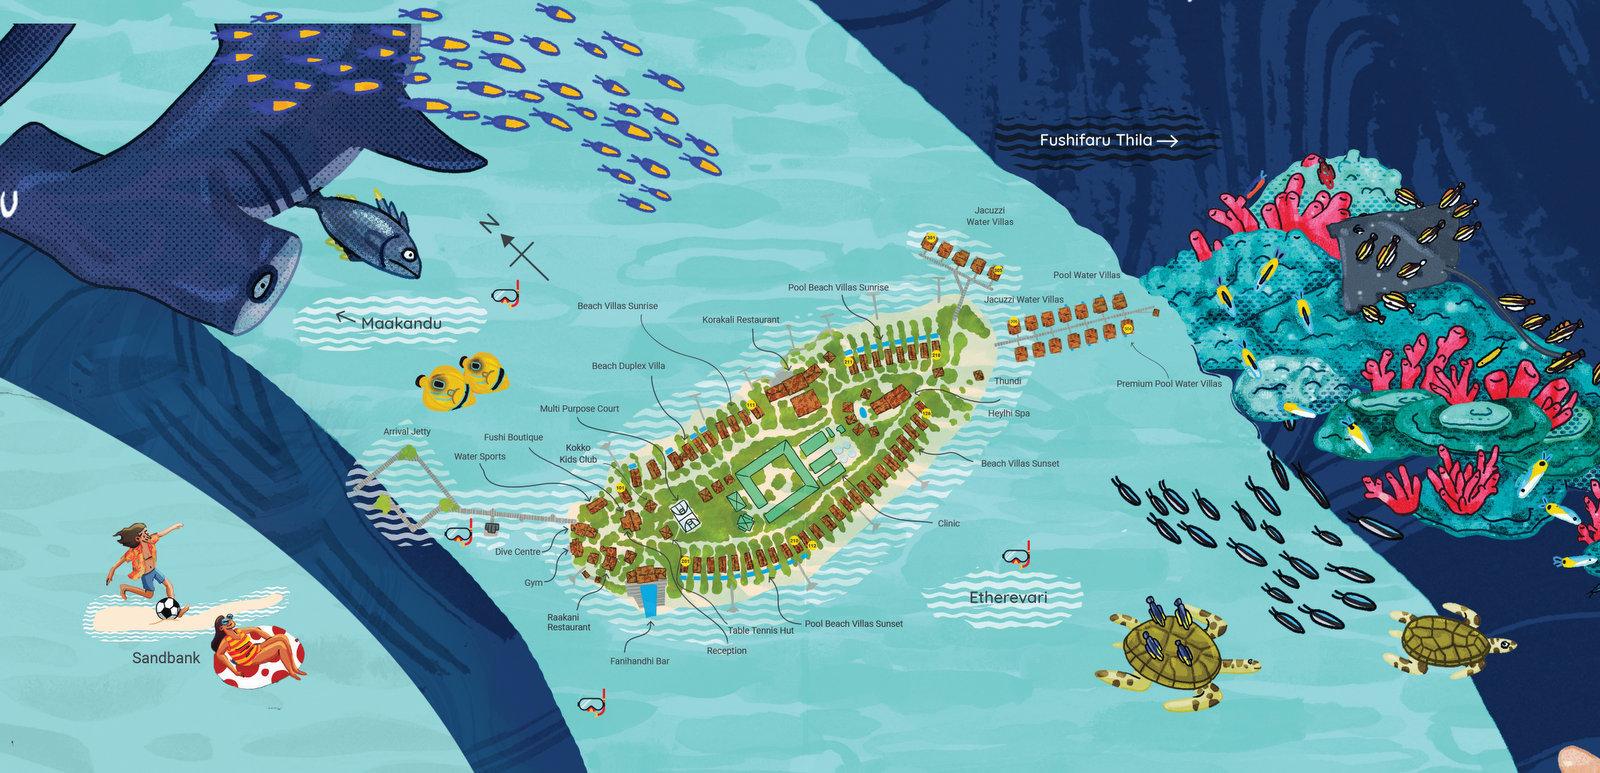 Мальдивы, Fushifaru Maldives, карта отеля